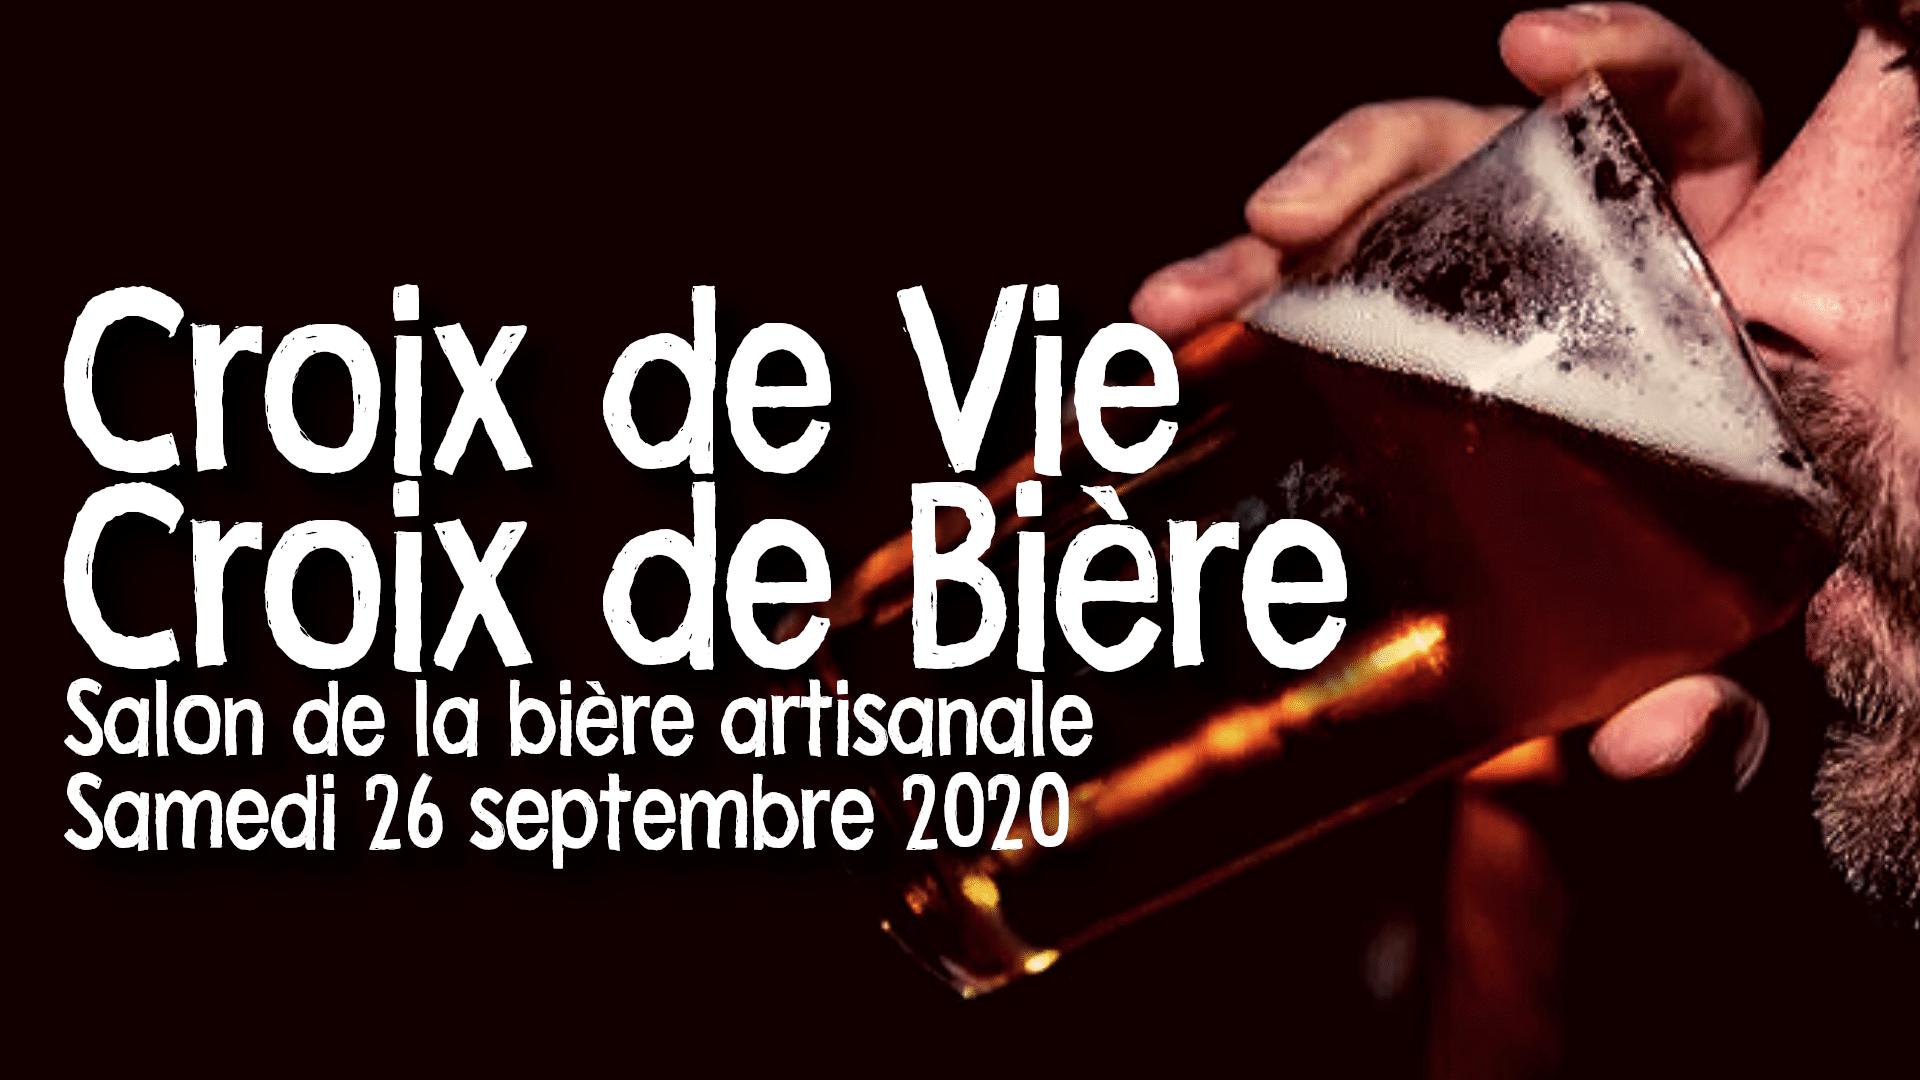 Croix de vie croix de bière XVXB 2020